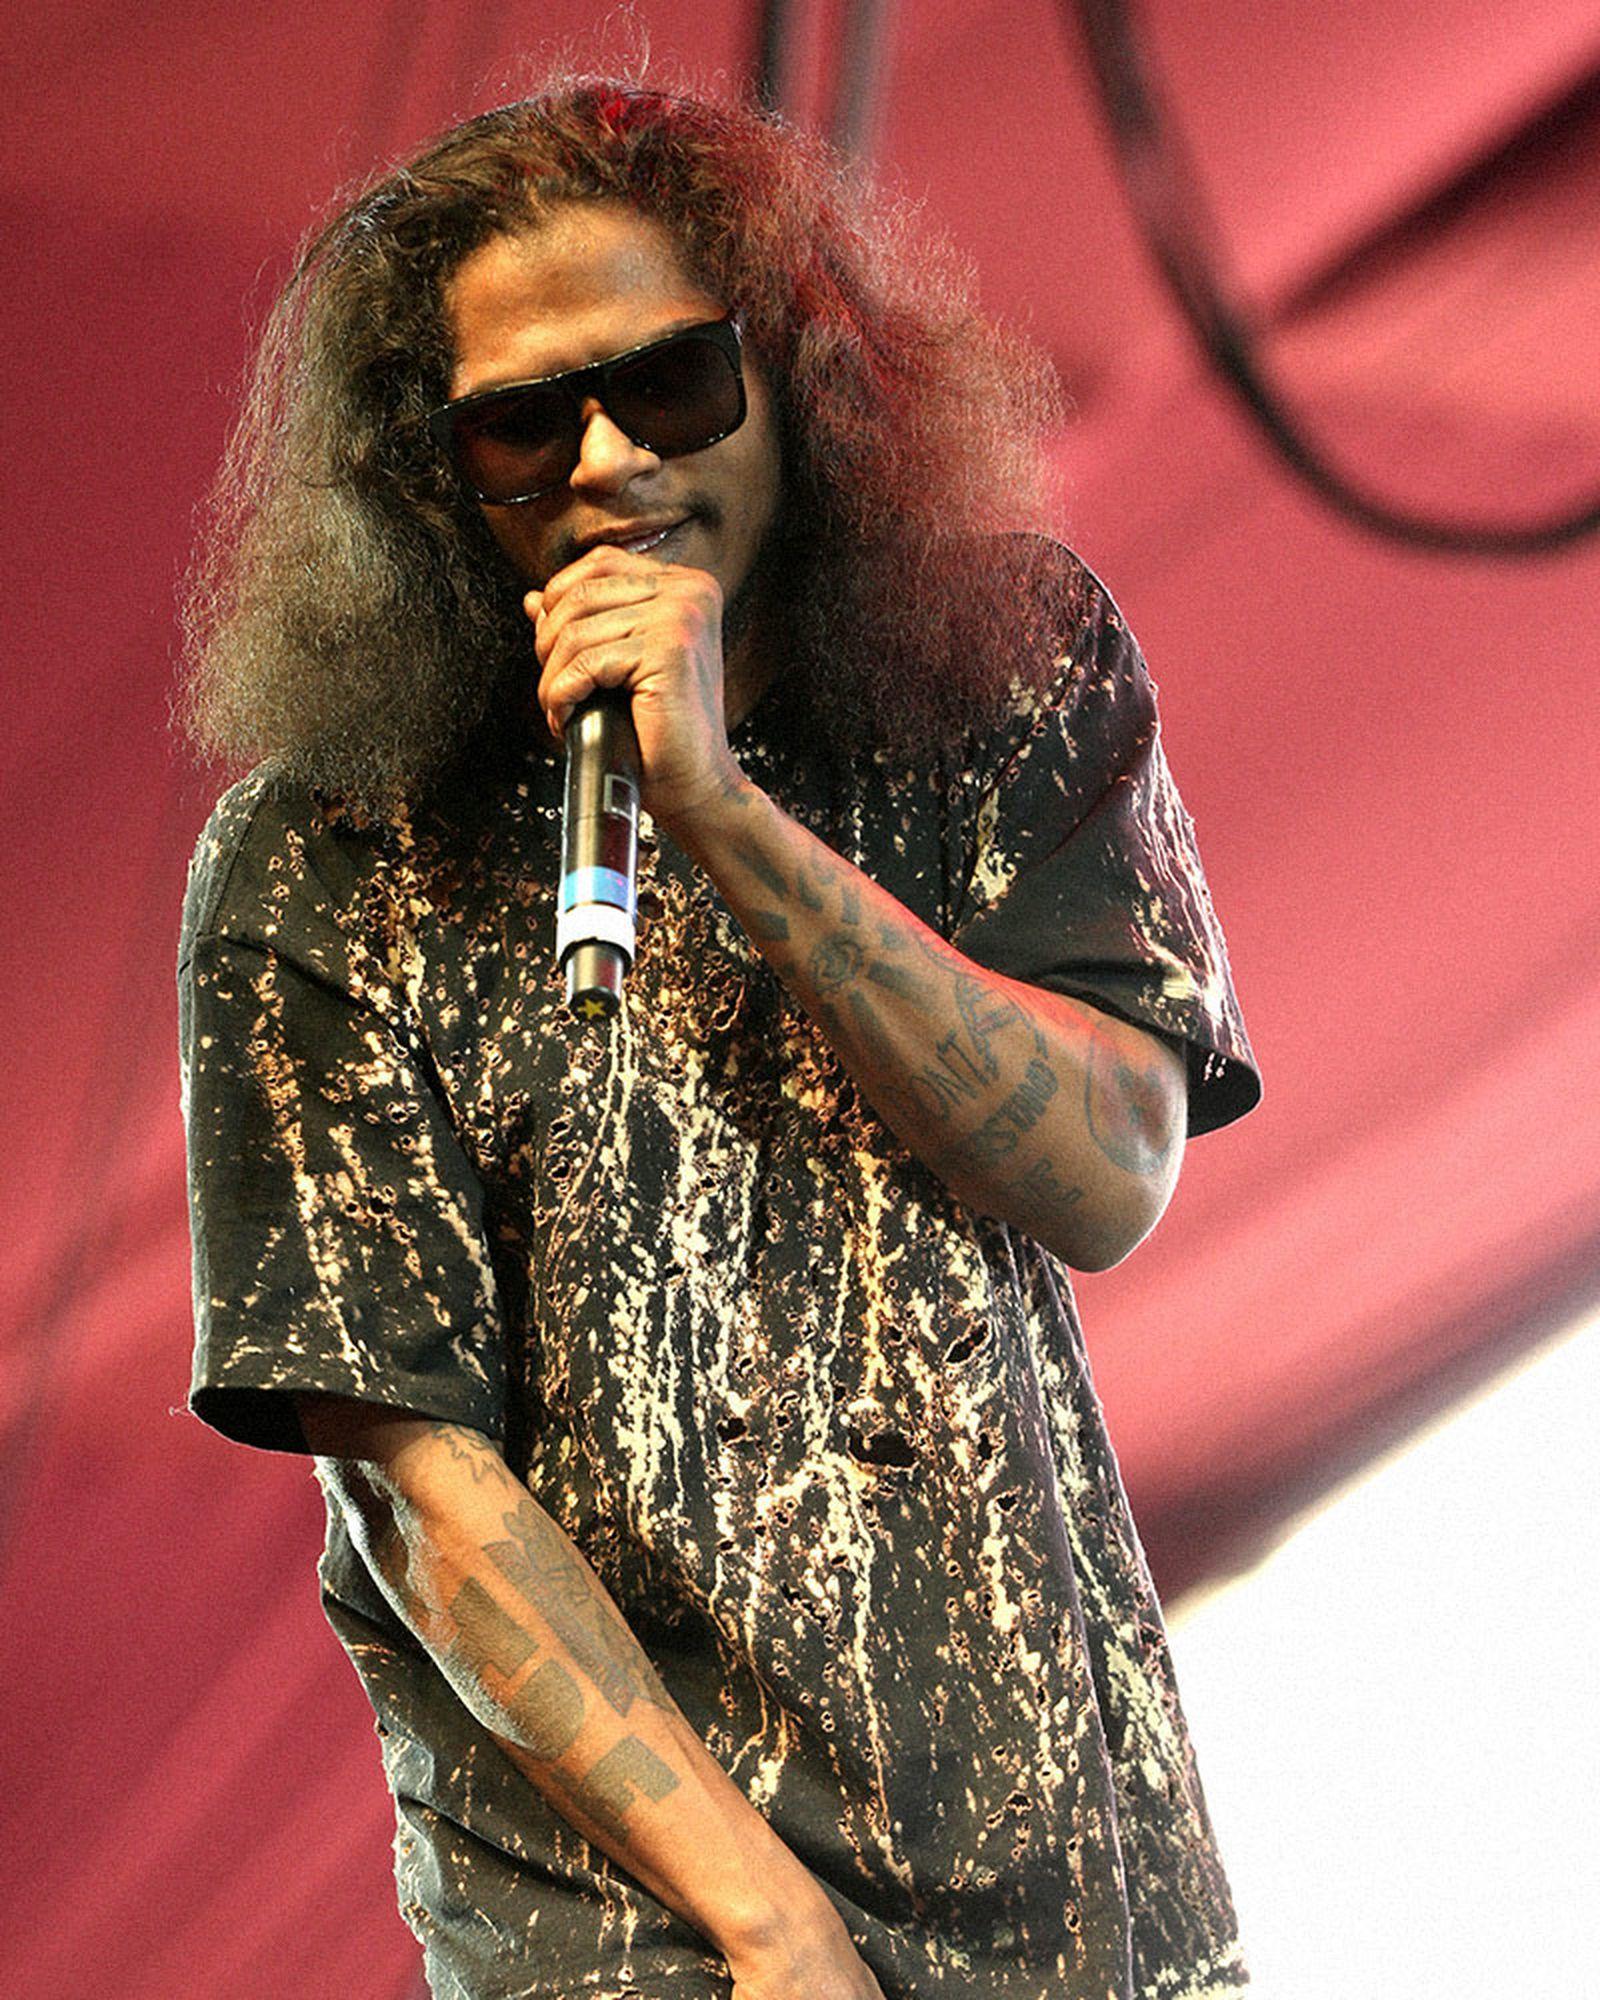 10-biggest-hip-hop-stars-got-rap-names-05